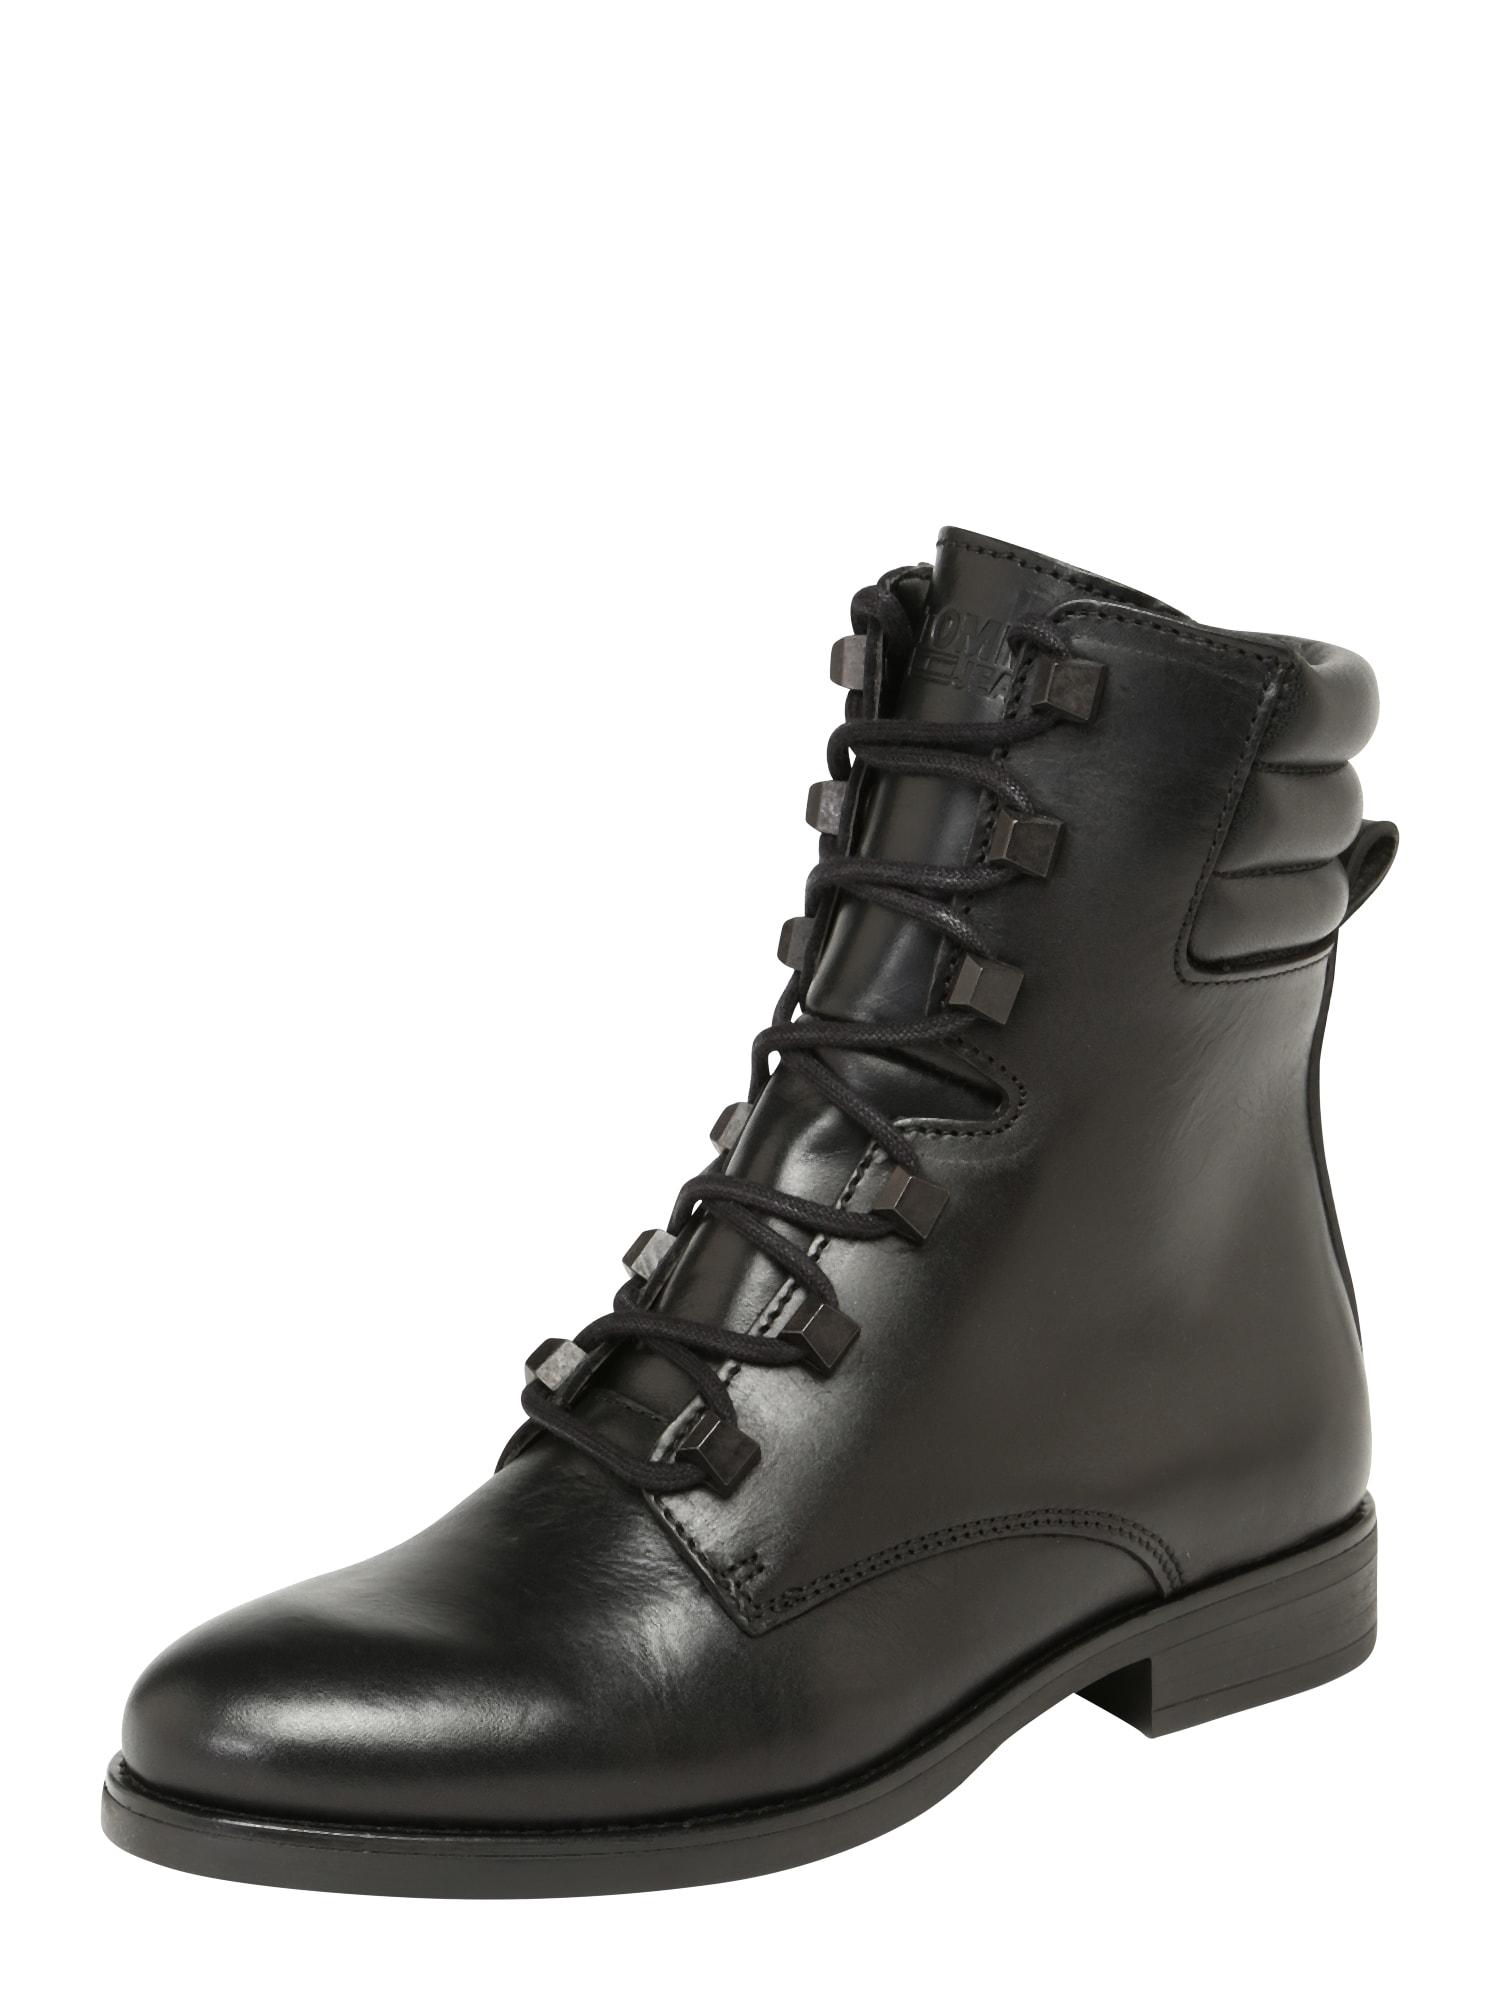 Šněrovací boty PIN LOGO LACE UP BOOT černá Tommy Jeans